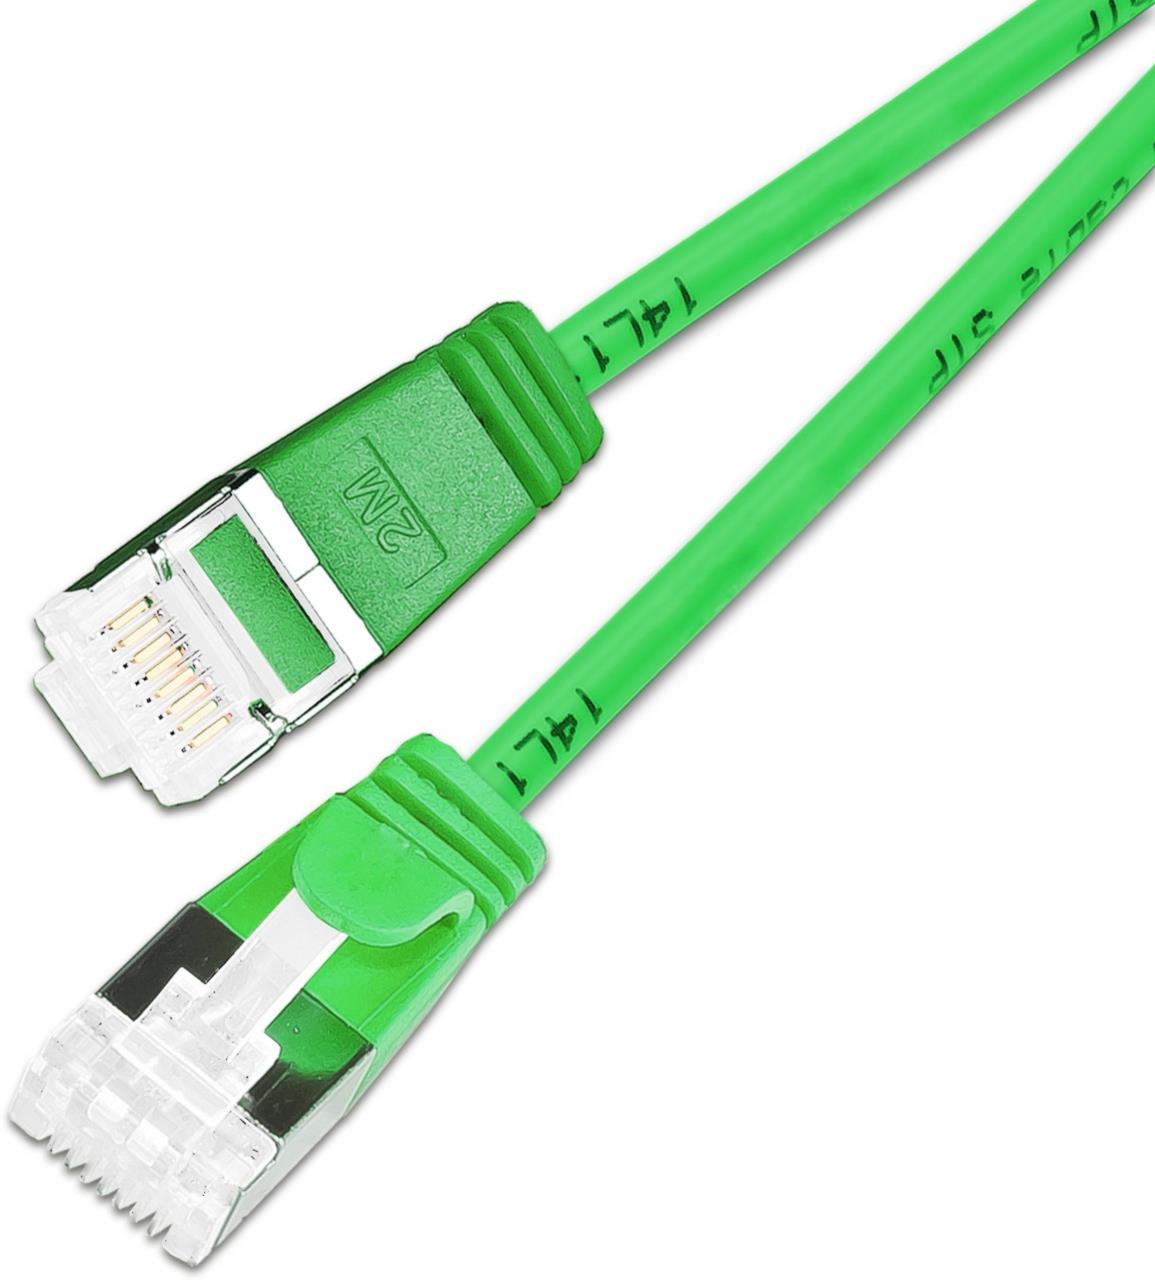 KAT6A 10 Gigabit Lightpatchkabel rund, U/FTP, Ø 3,8mm, grün